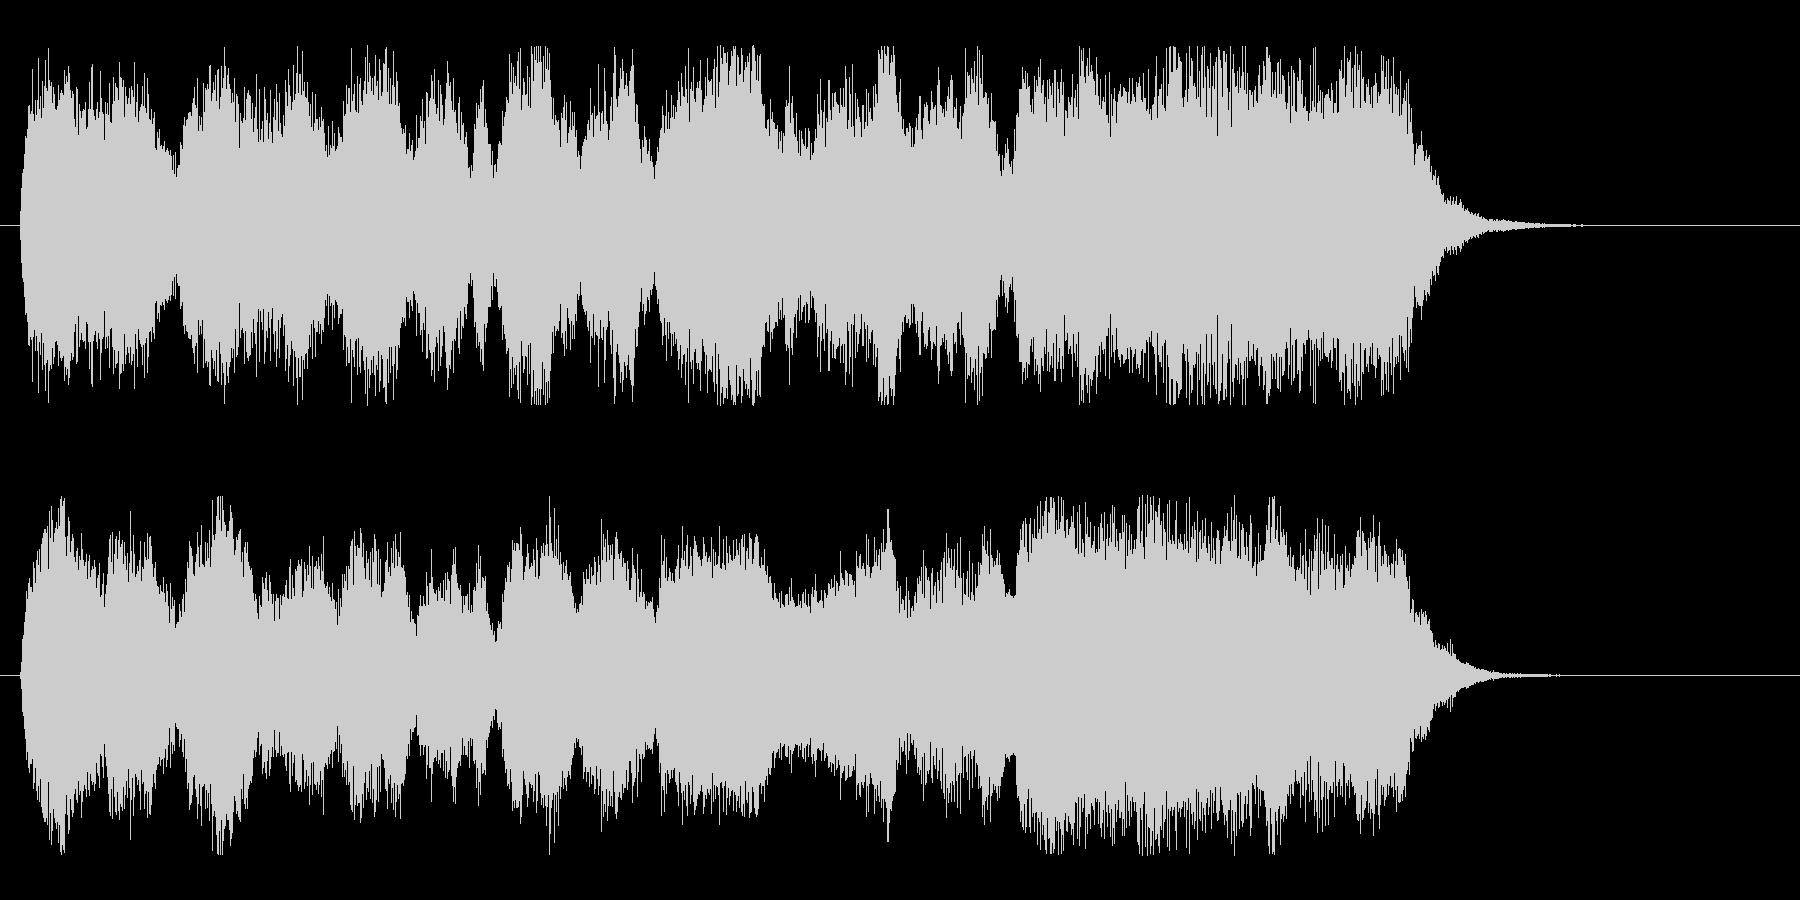 壮大で勇ましいオーケストラファンファーレの未再生の波形